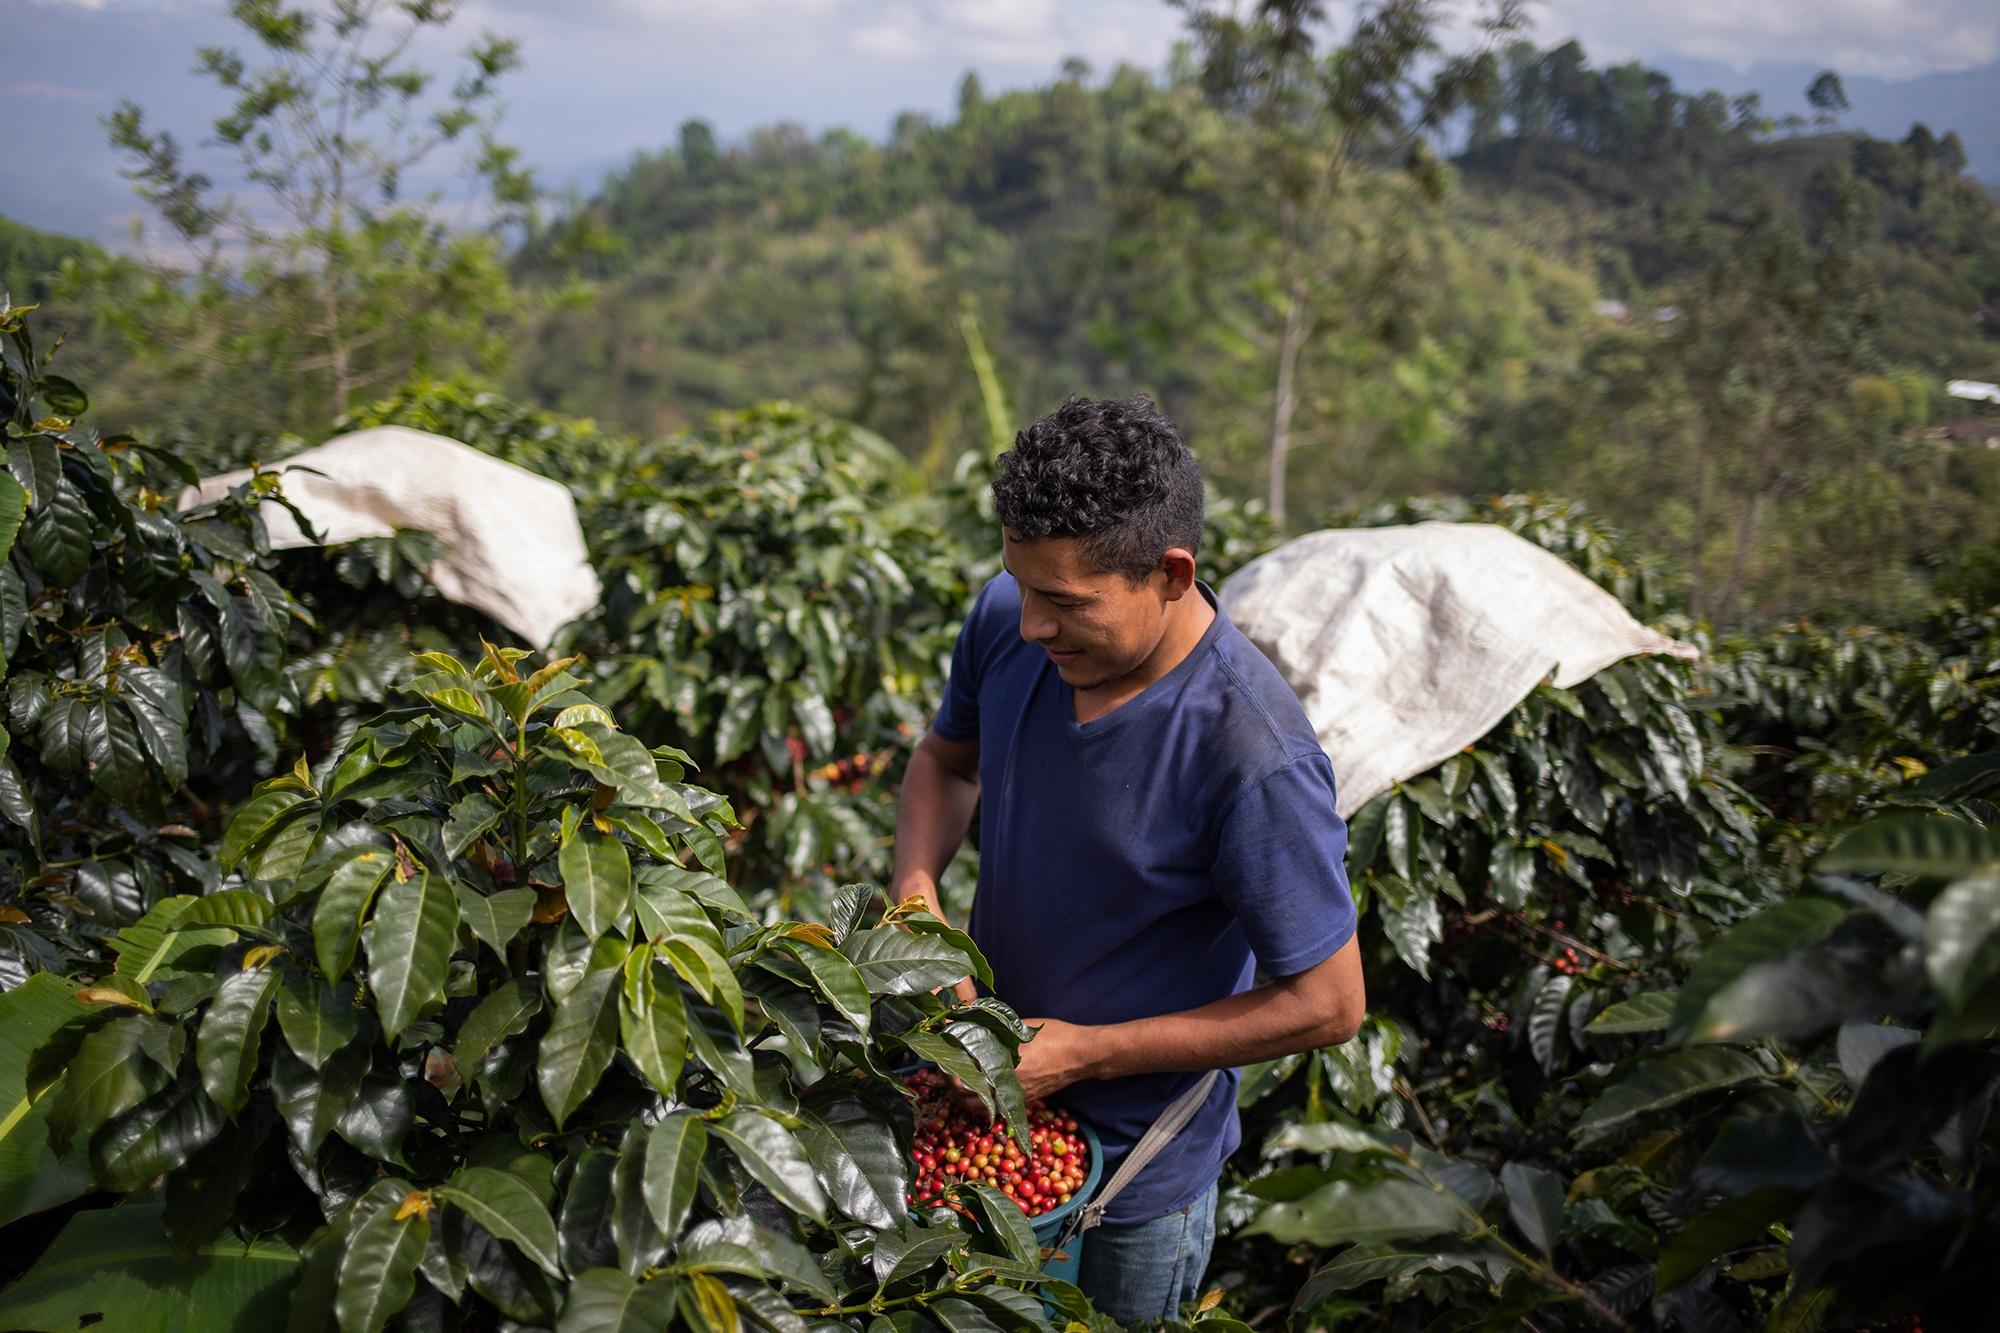 Marvin, de 28 años, trabaja cortando café desde los 12 años. Cuando el corte de café concluye se incorporará al corte de palma aceitera en el litoral atlántico. Corquín, Copán, 27 de febrero de 2021. Foto: Martín Cálix.